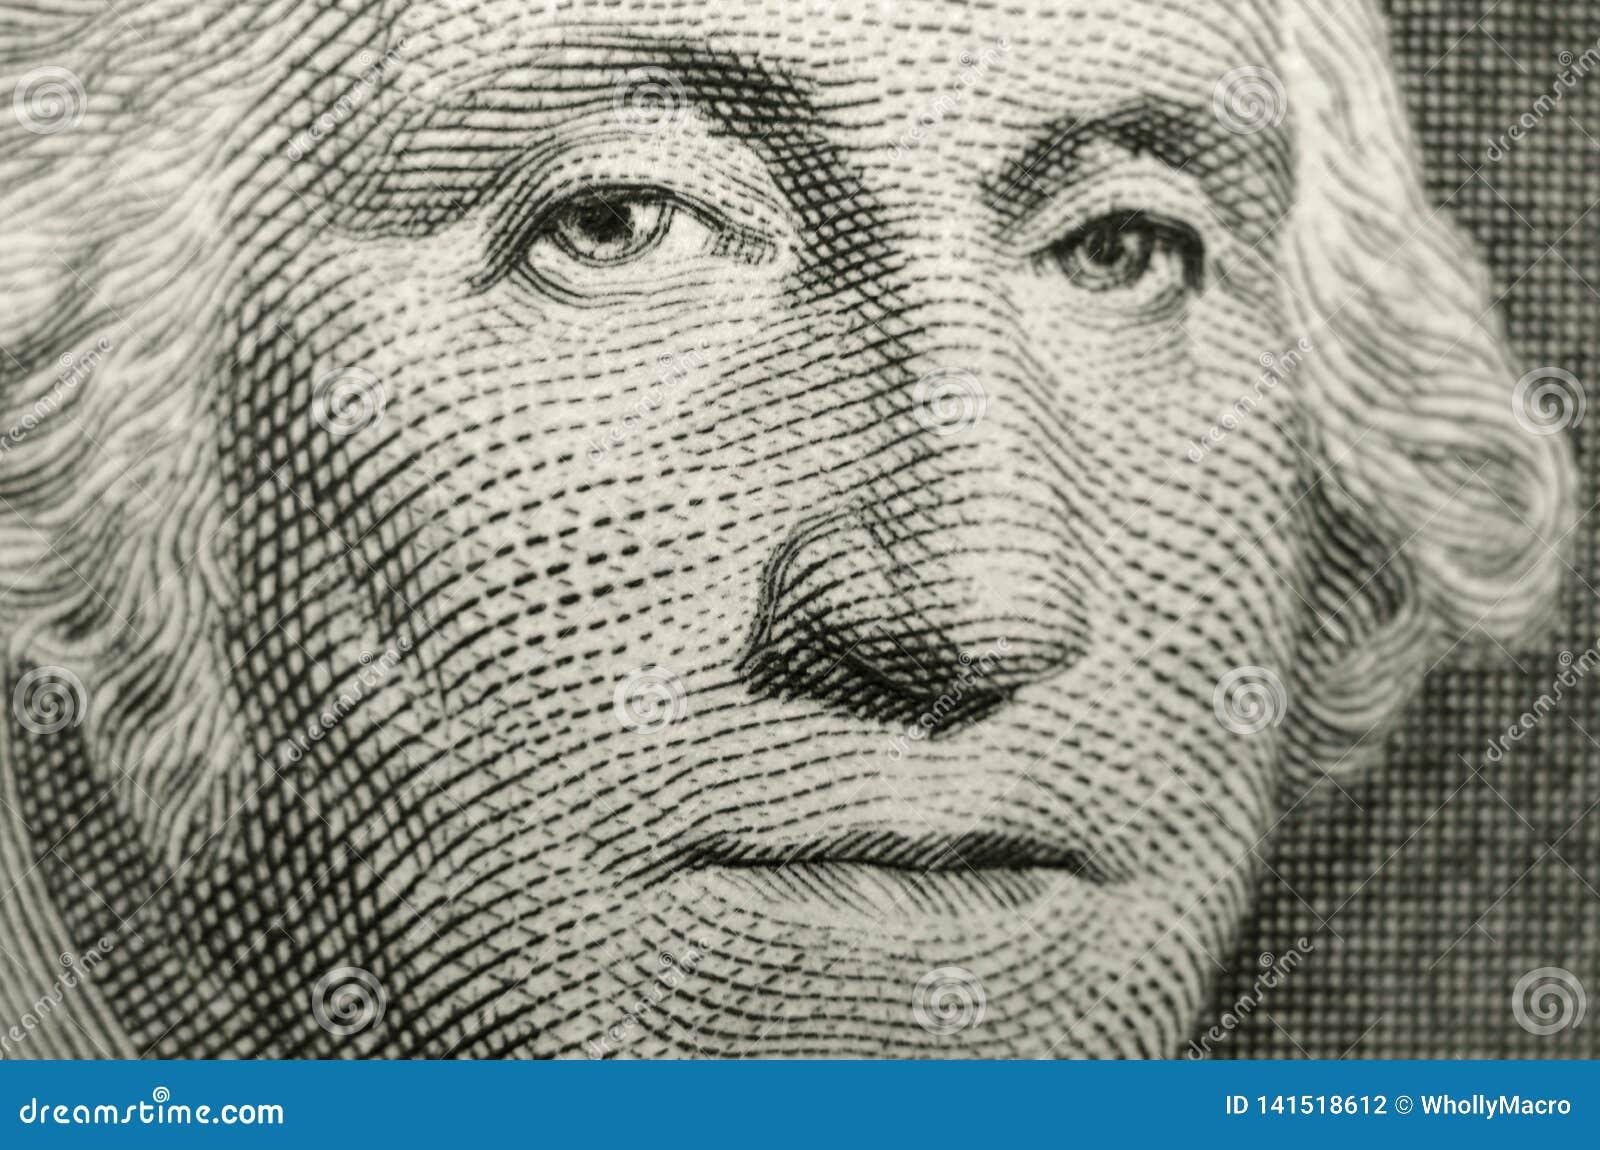 Мелкое изображение фокуса отец-основателя Соединенных Штатов Америки, президента Джорджа Вашингтона